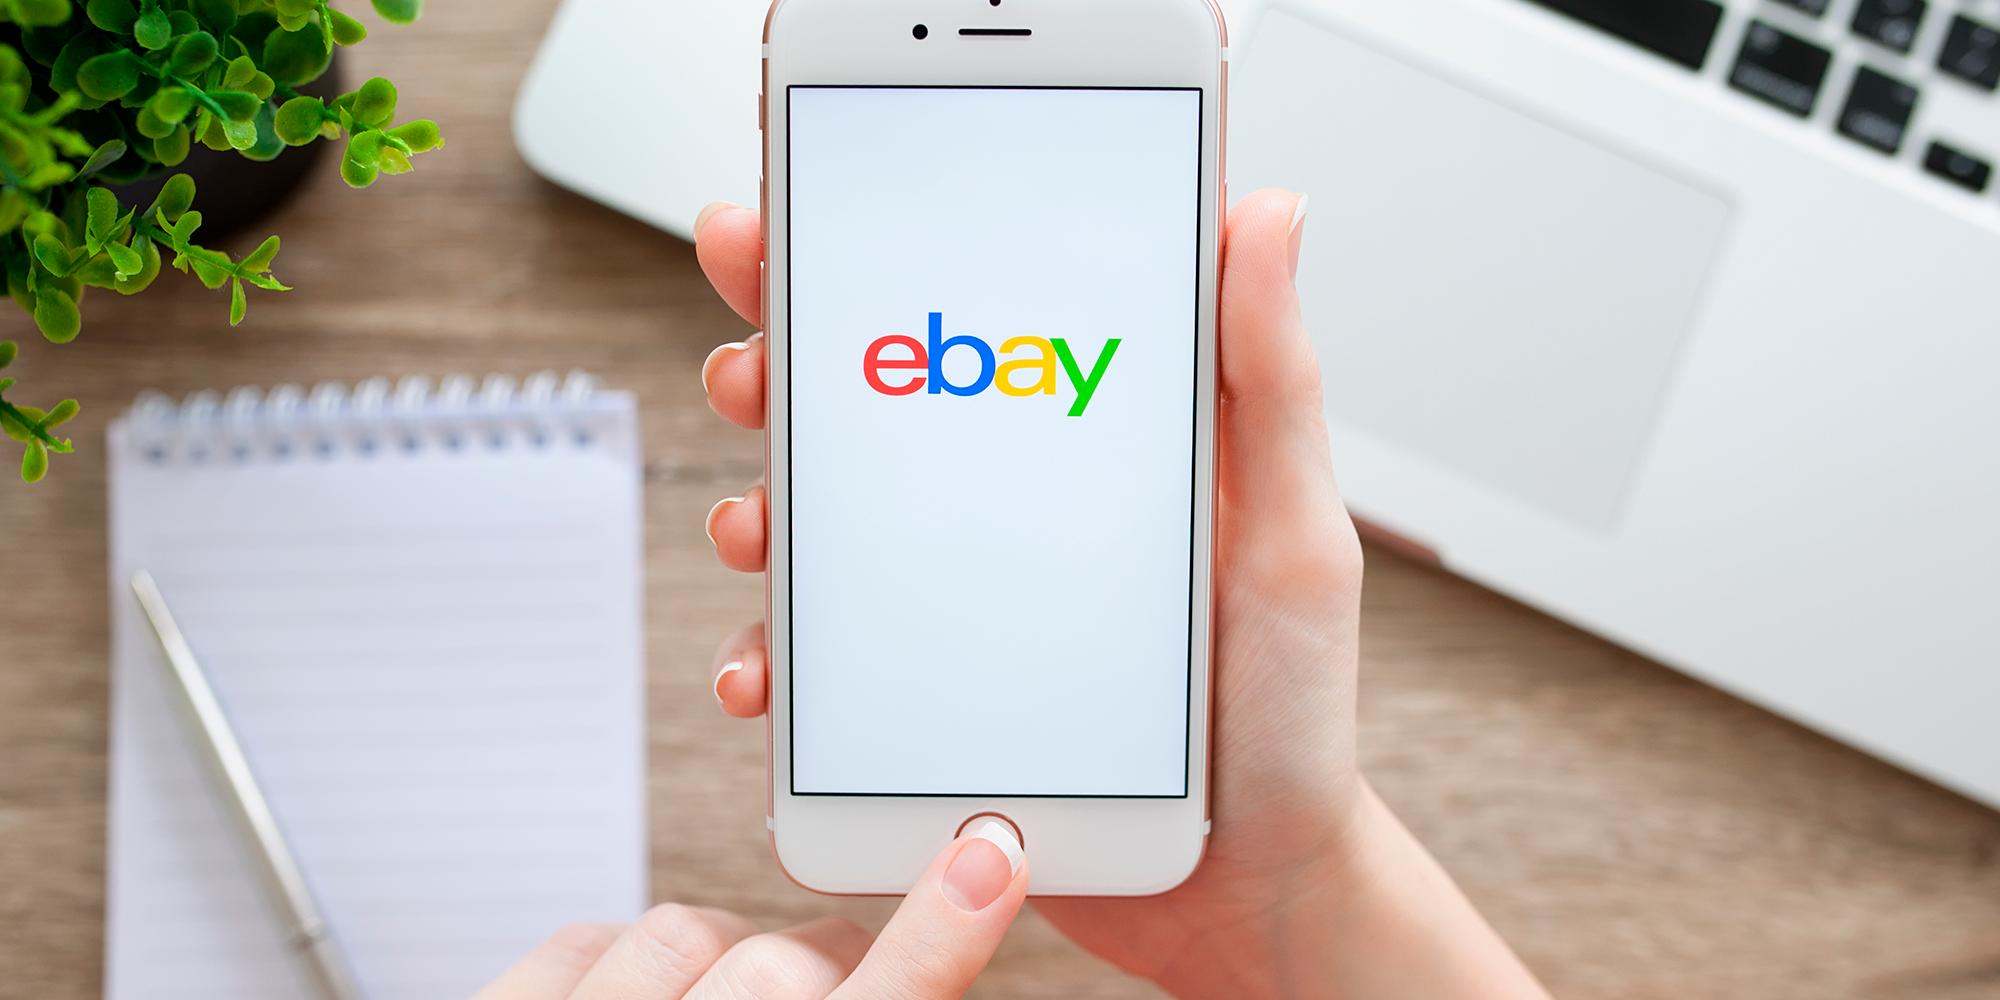 Modernízate con lo que puedes encontrar comprando con tu Tarjeta de Regalo Ebay